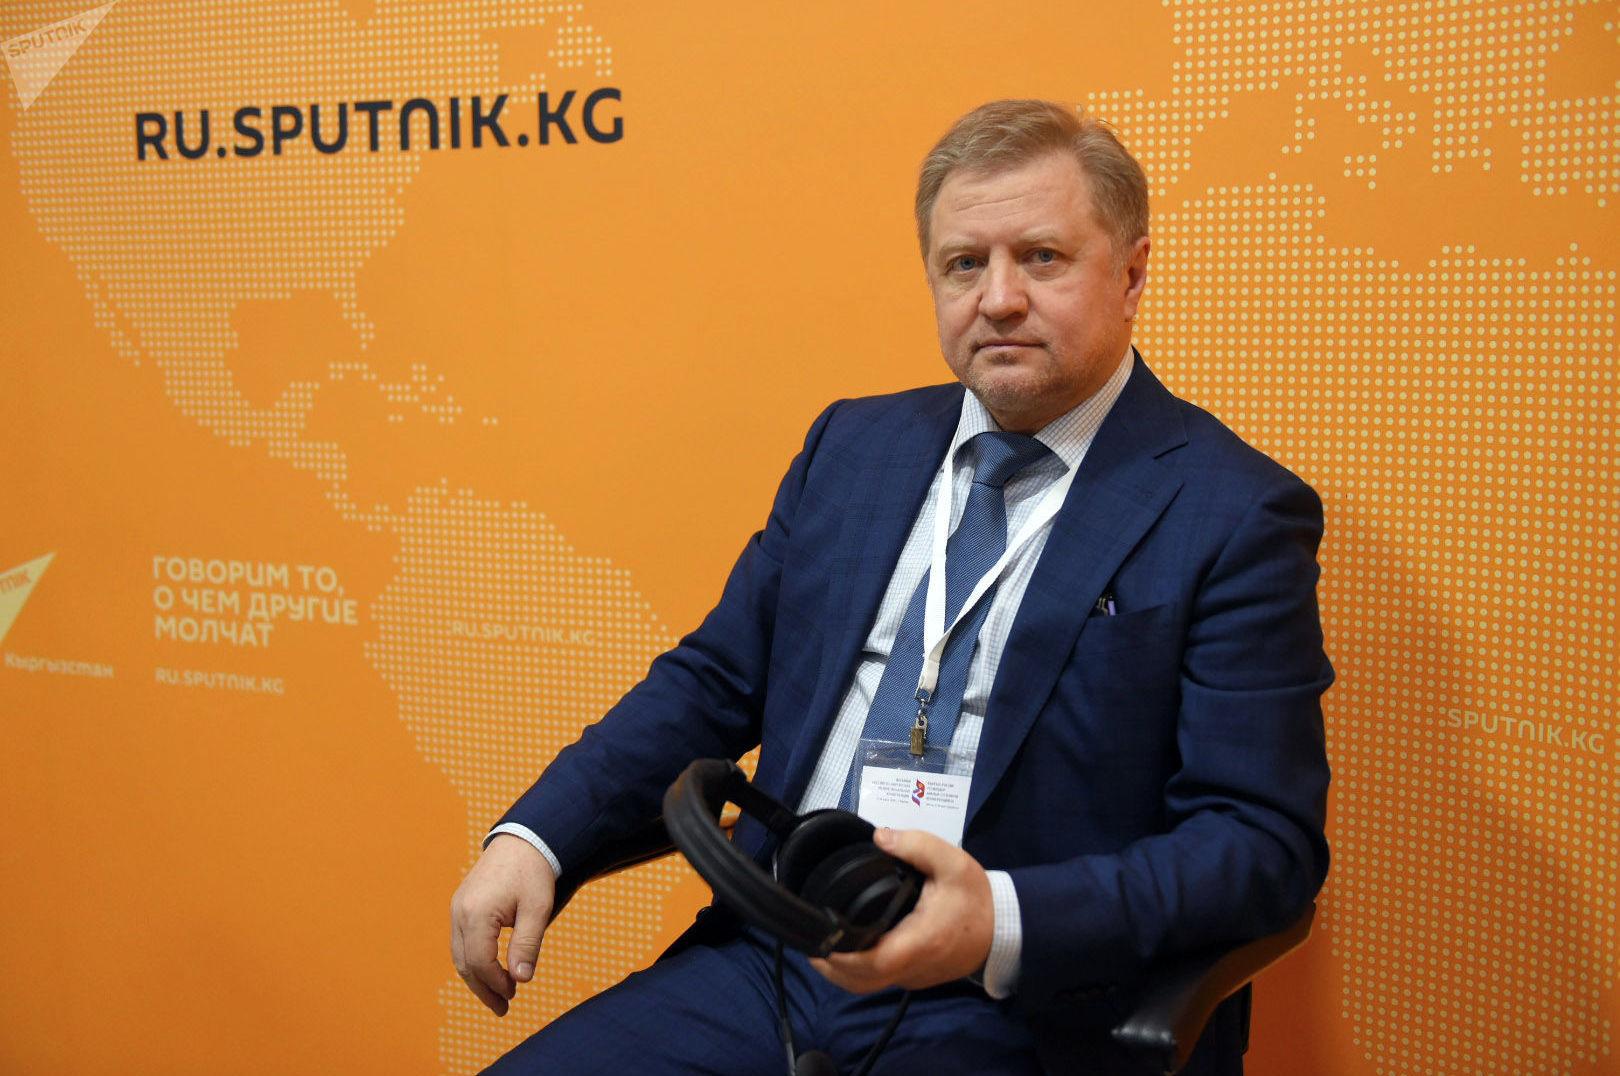 Генеральный директор Института ЕАЭС Владимир Лепехин в эфире радио Sputnik Кыргызстан.